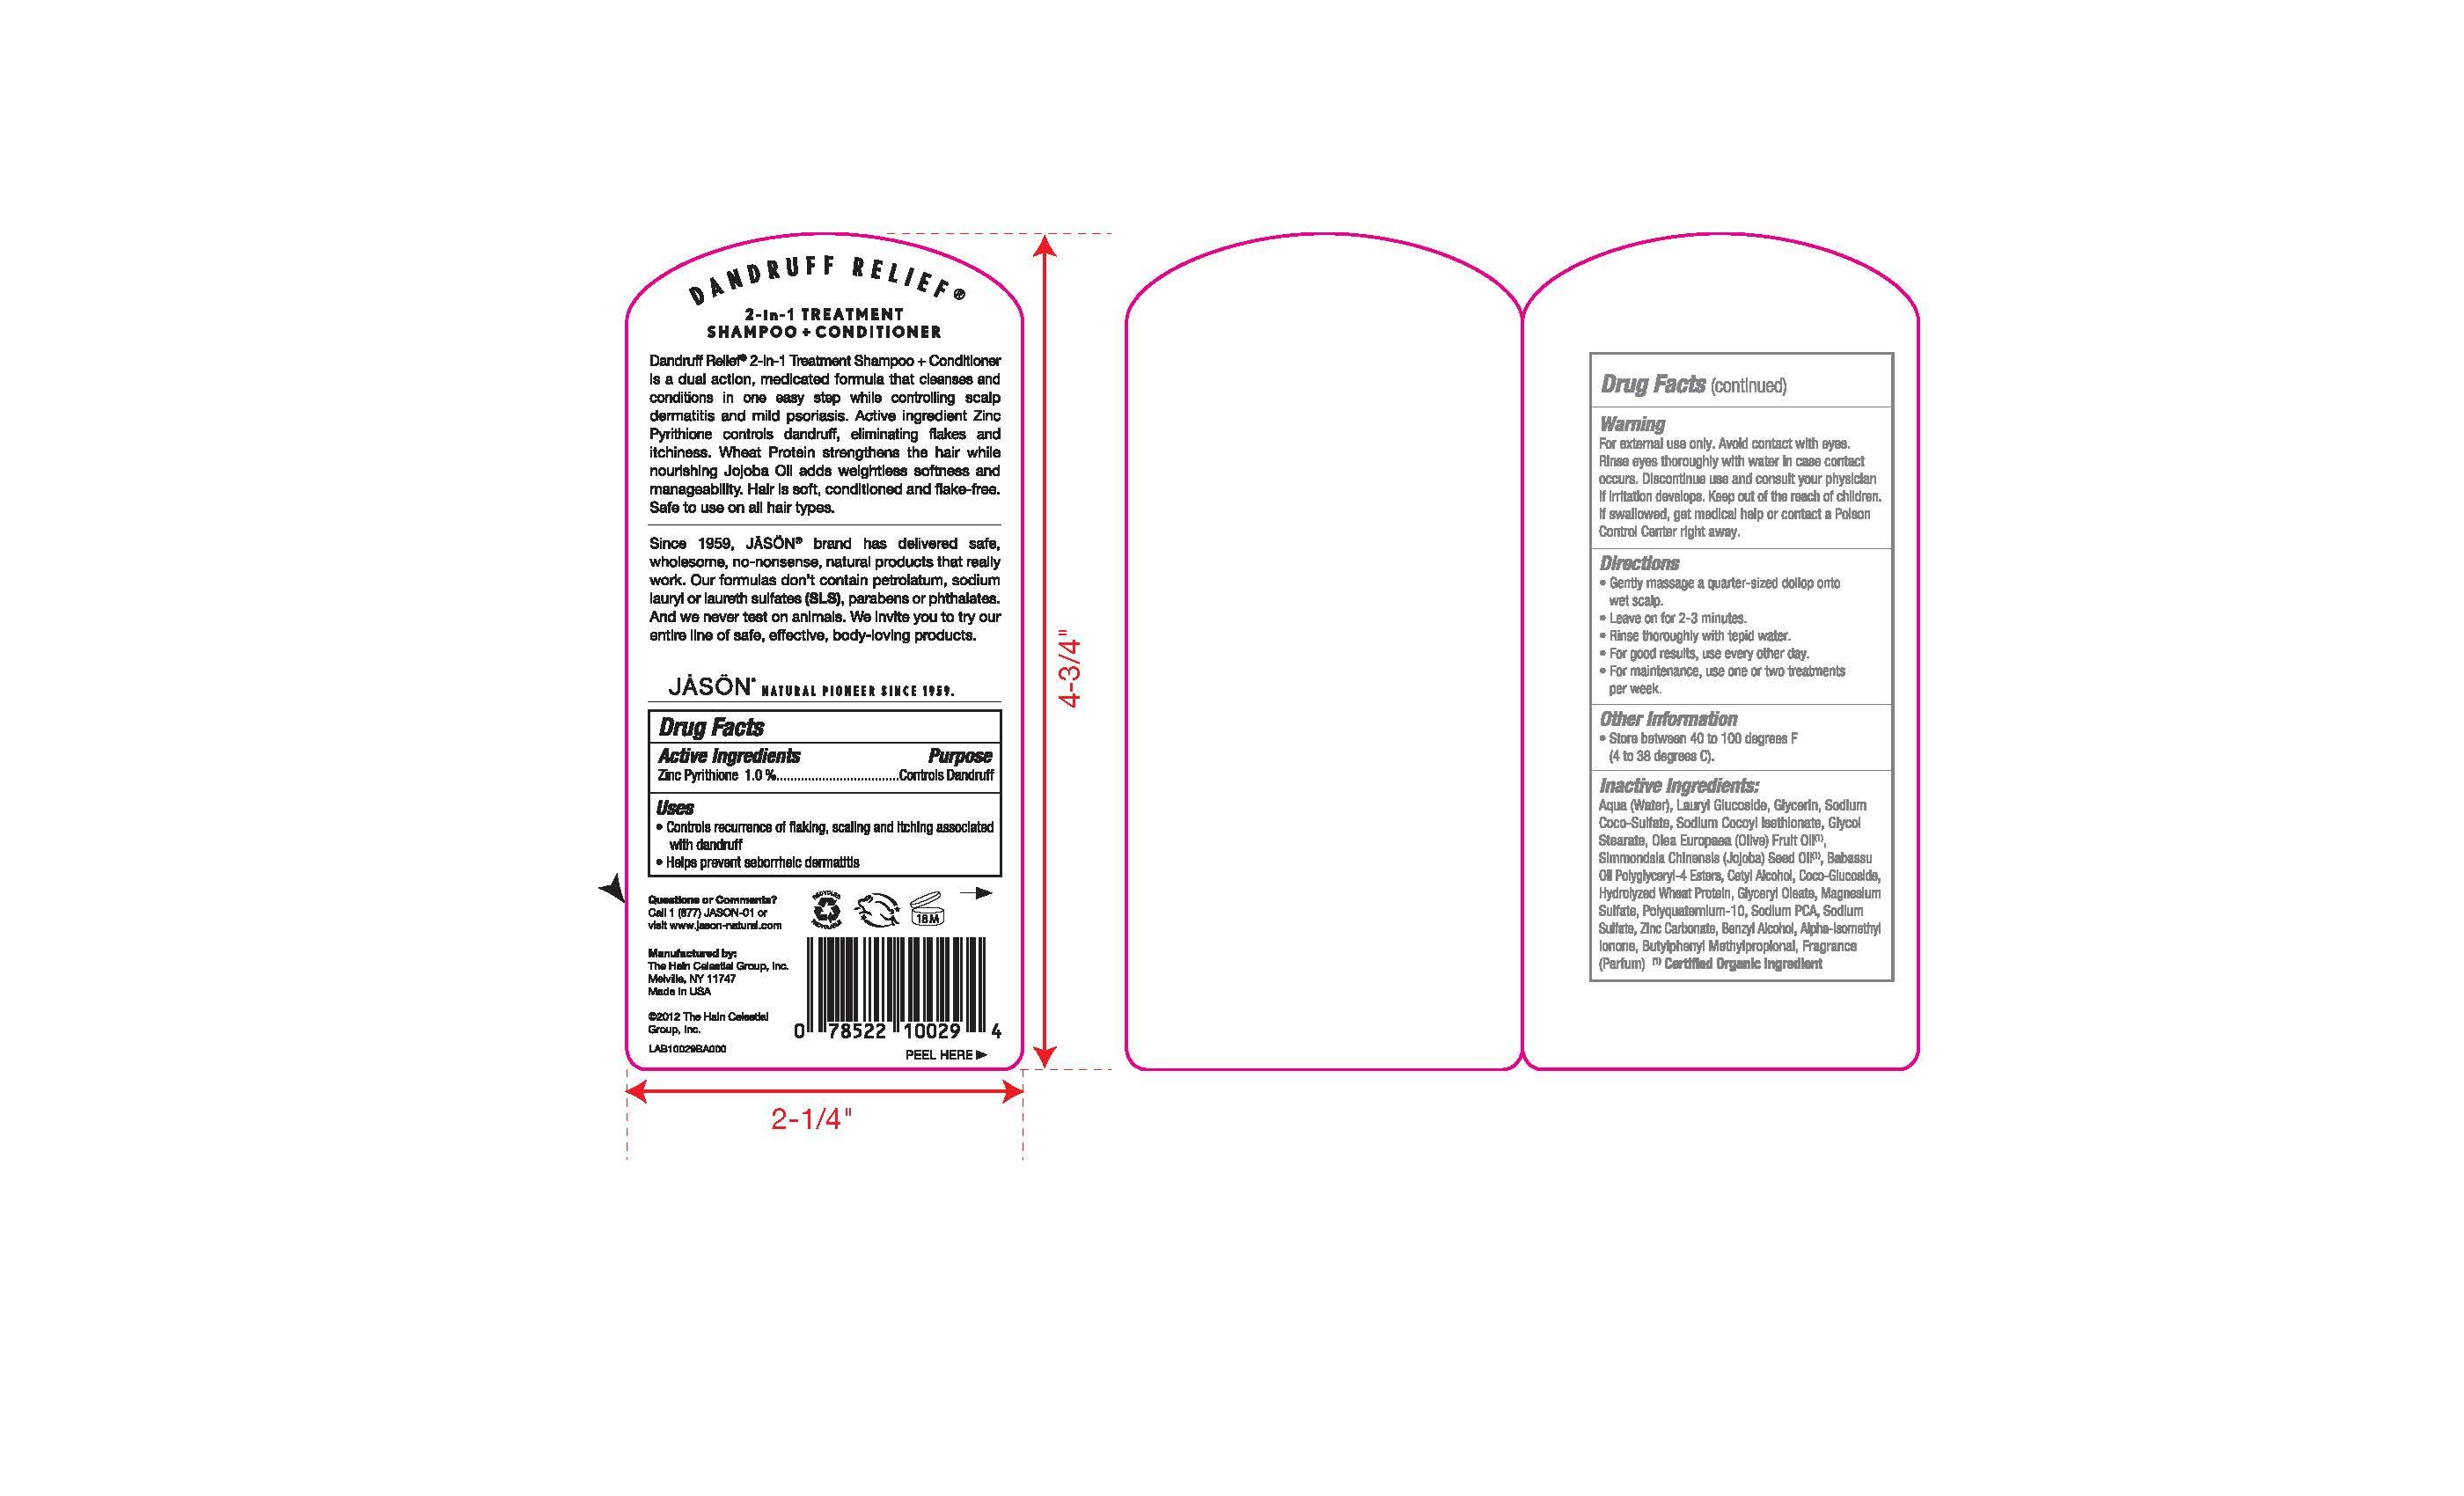 image of back label